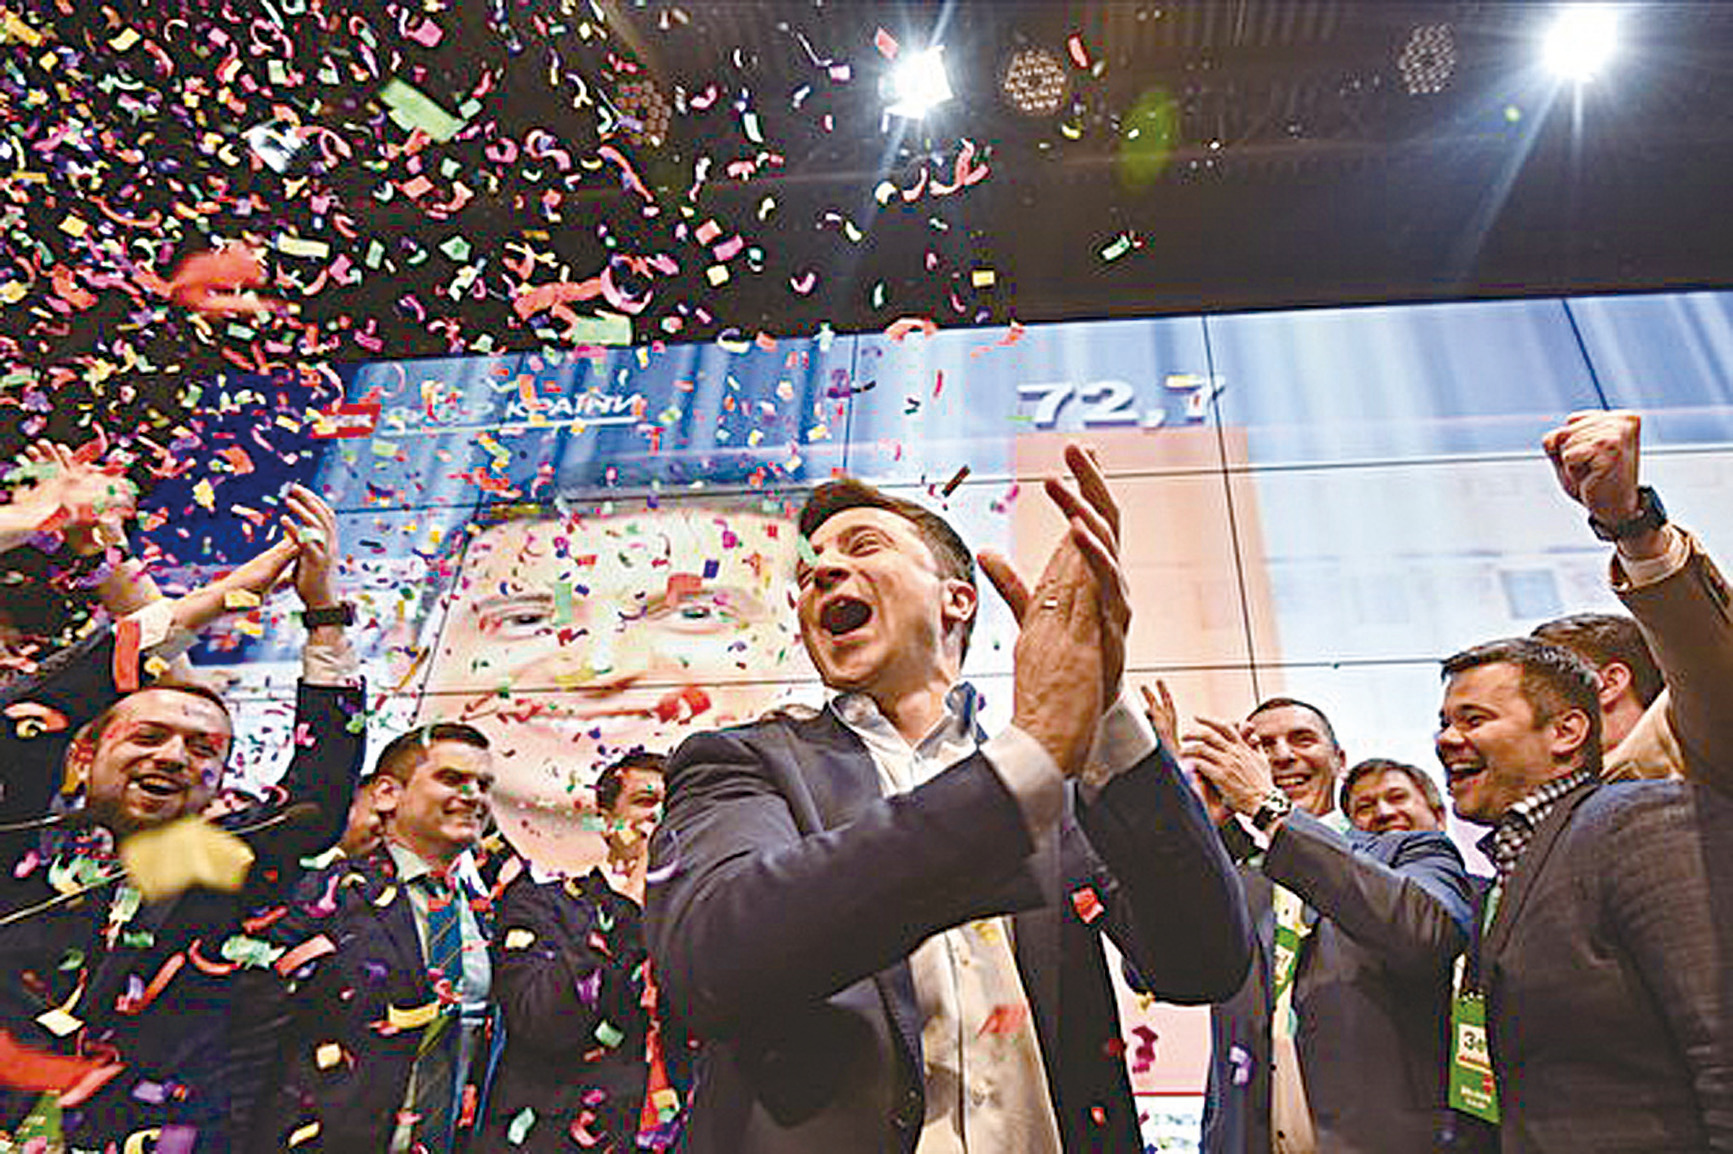 澤連斯基戰勝了上屆總統,成功當選為烏克蘭的新一屆總統。 圖為澤連斯基在首批出口民調結果出來後的喜悅之情。(GENYA SAVILOV/AFP/Getty Images)